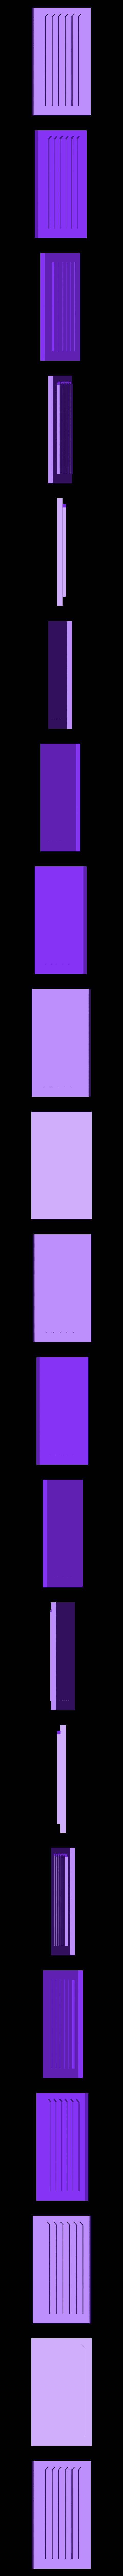 t_terr_door2a_1.stl Télécharger fichier STL gratuit Ripper's London - Maisons à haute hauteur • Design pour imprimante 3D, Earsling